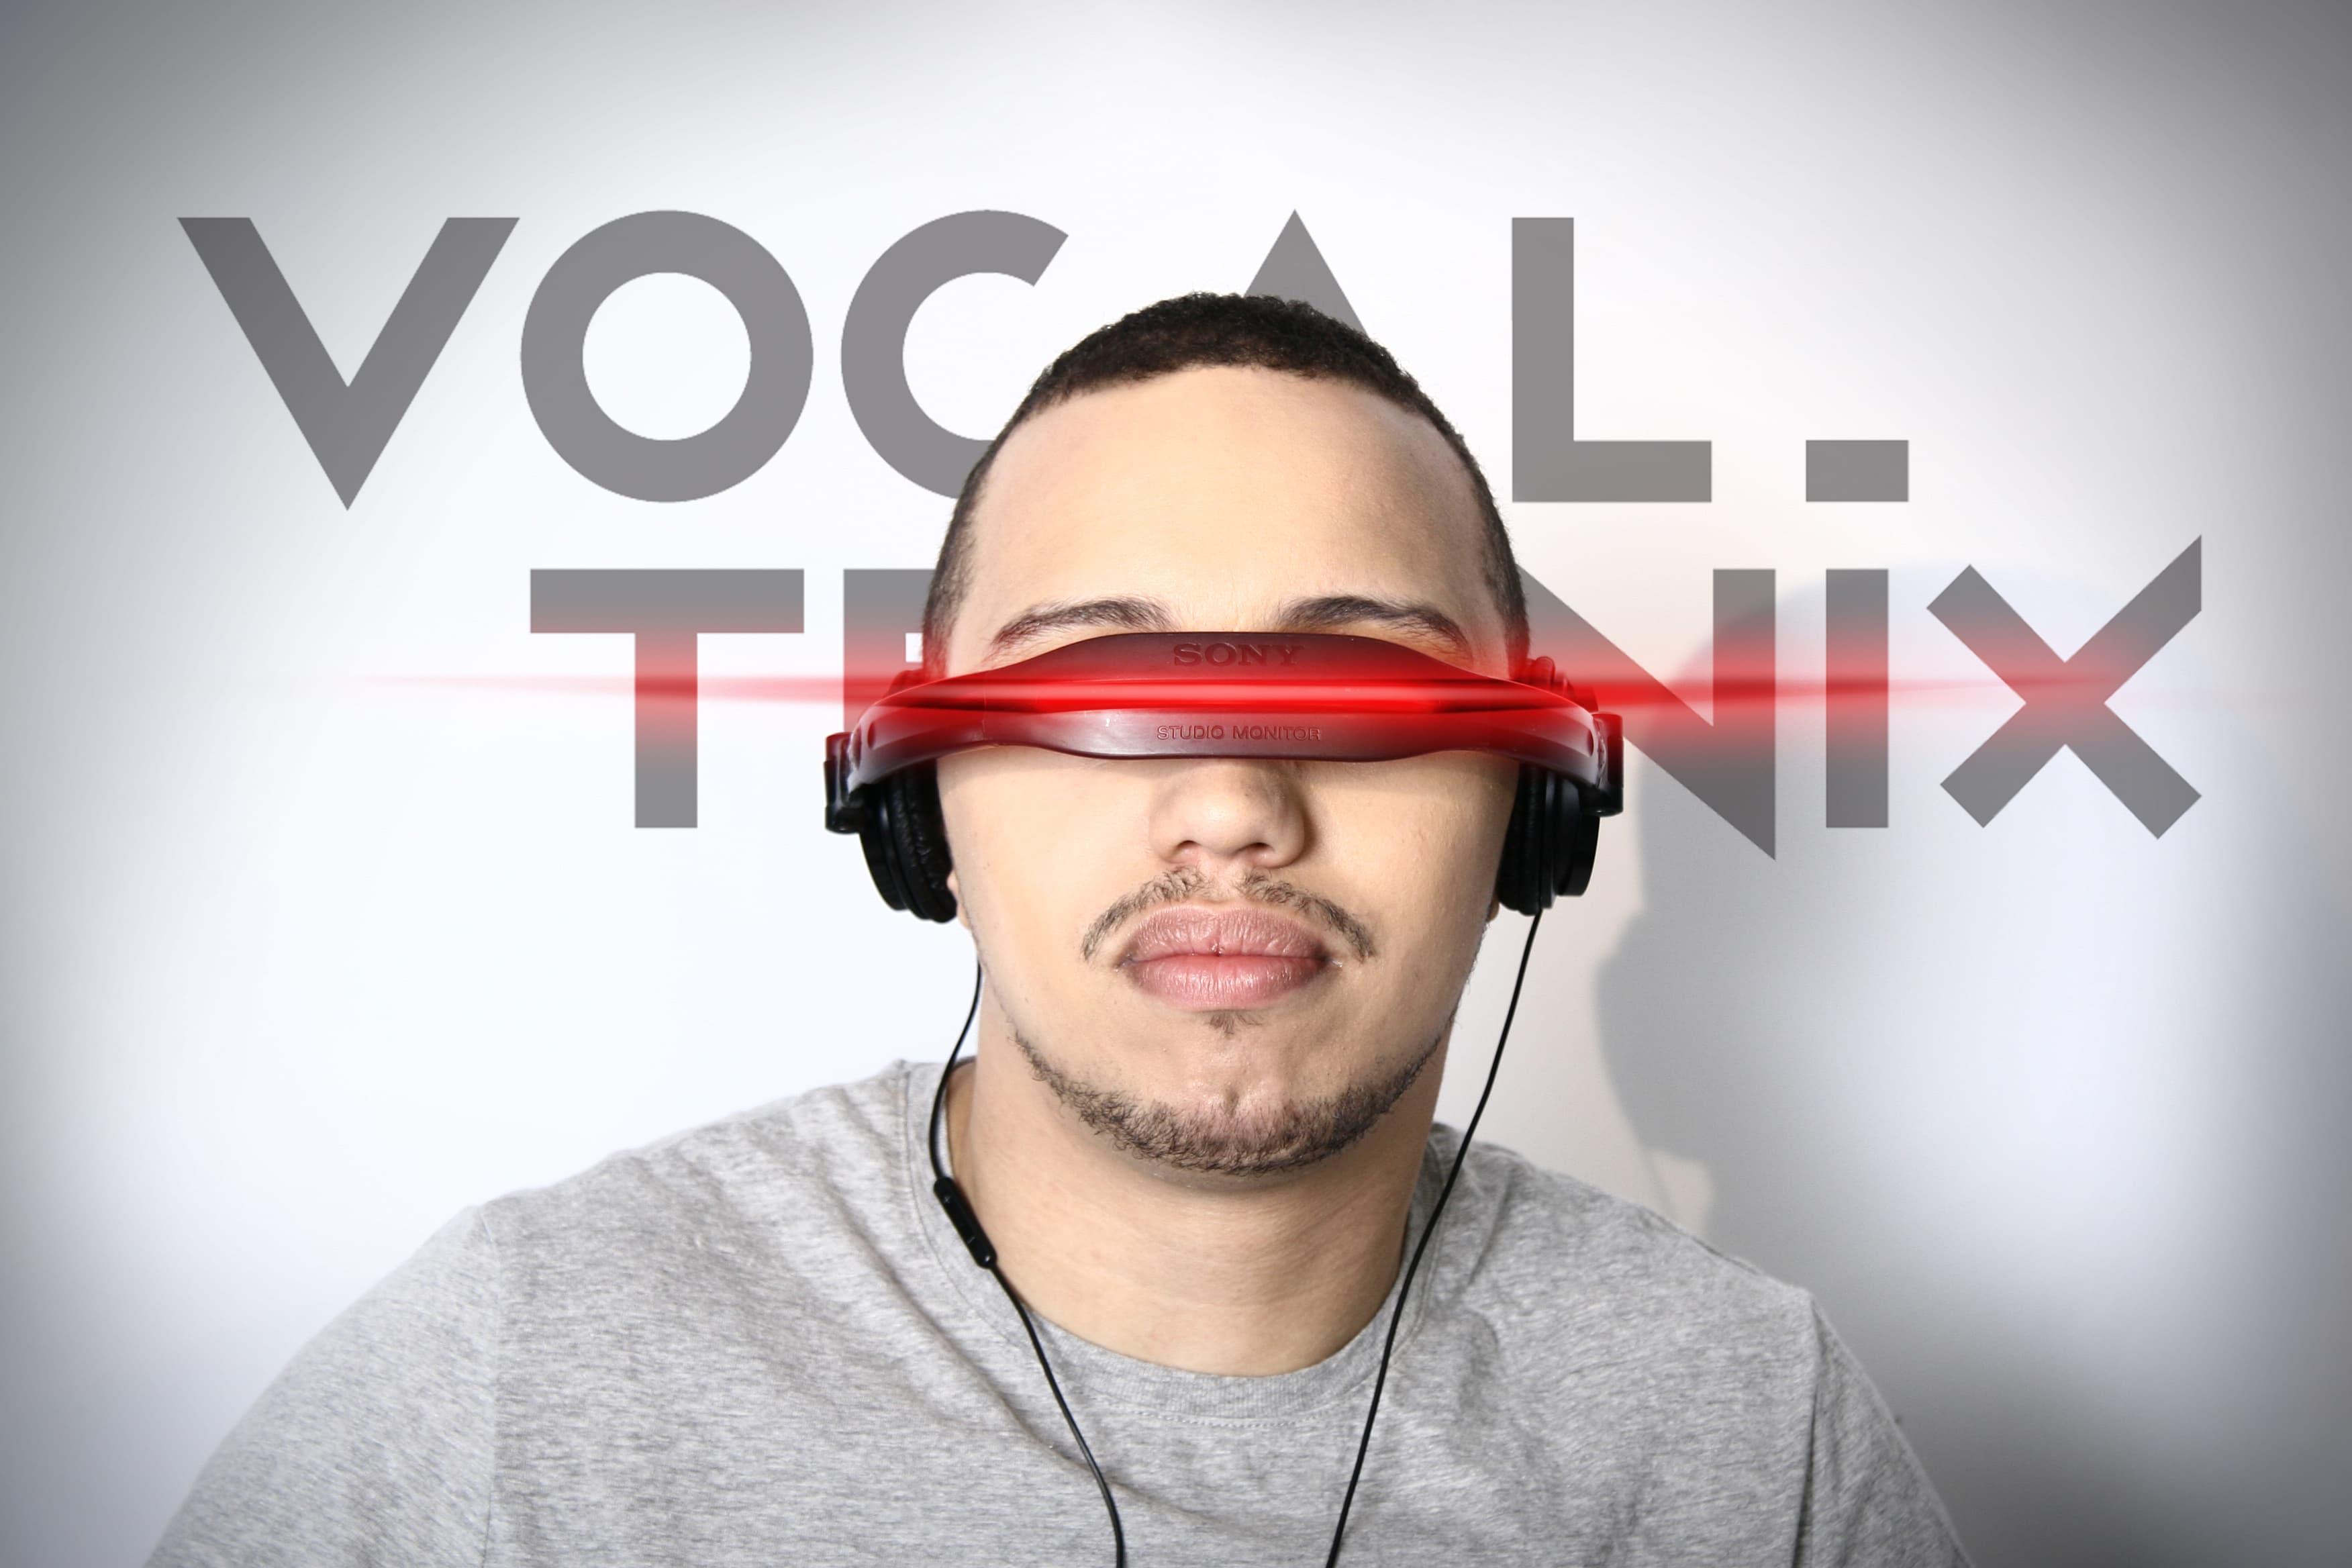 vocal_cyclop1